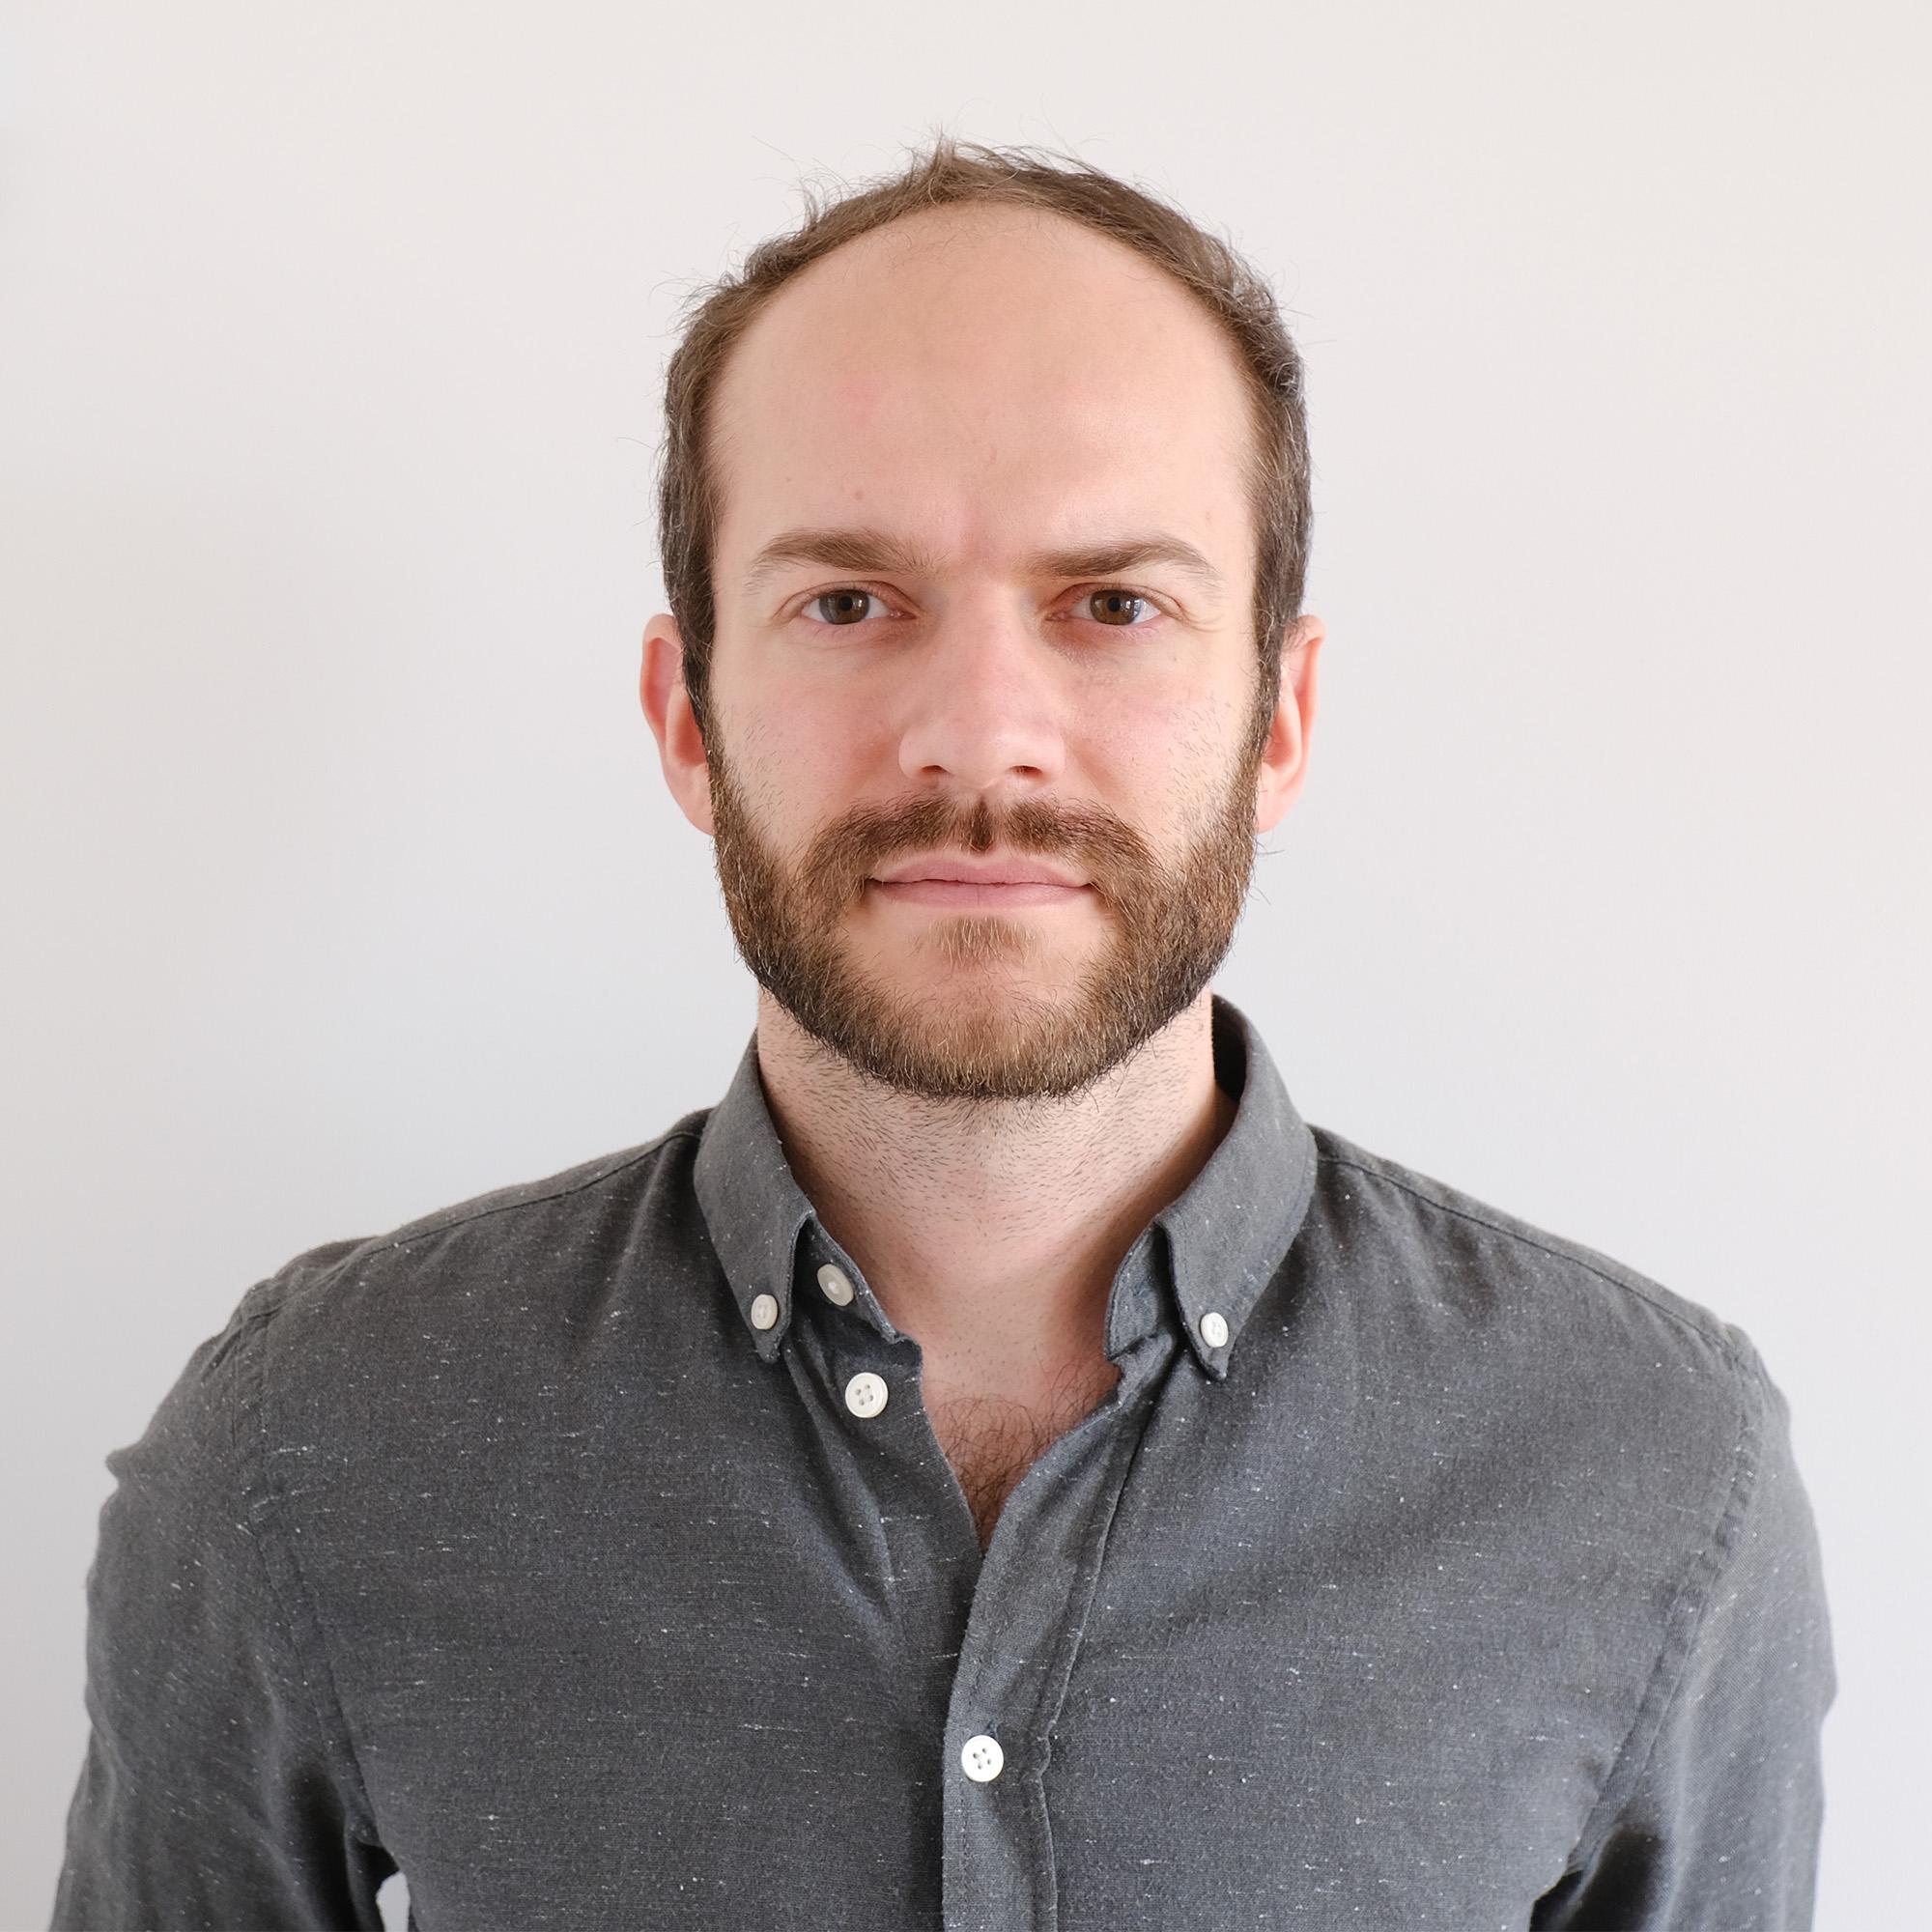 Arquiteto luso-francês Frédéric Fernandes é o diretor da Kardham Portugal / Grupo Kardham